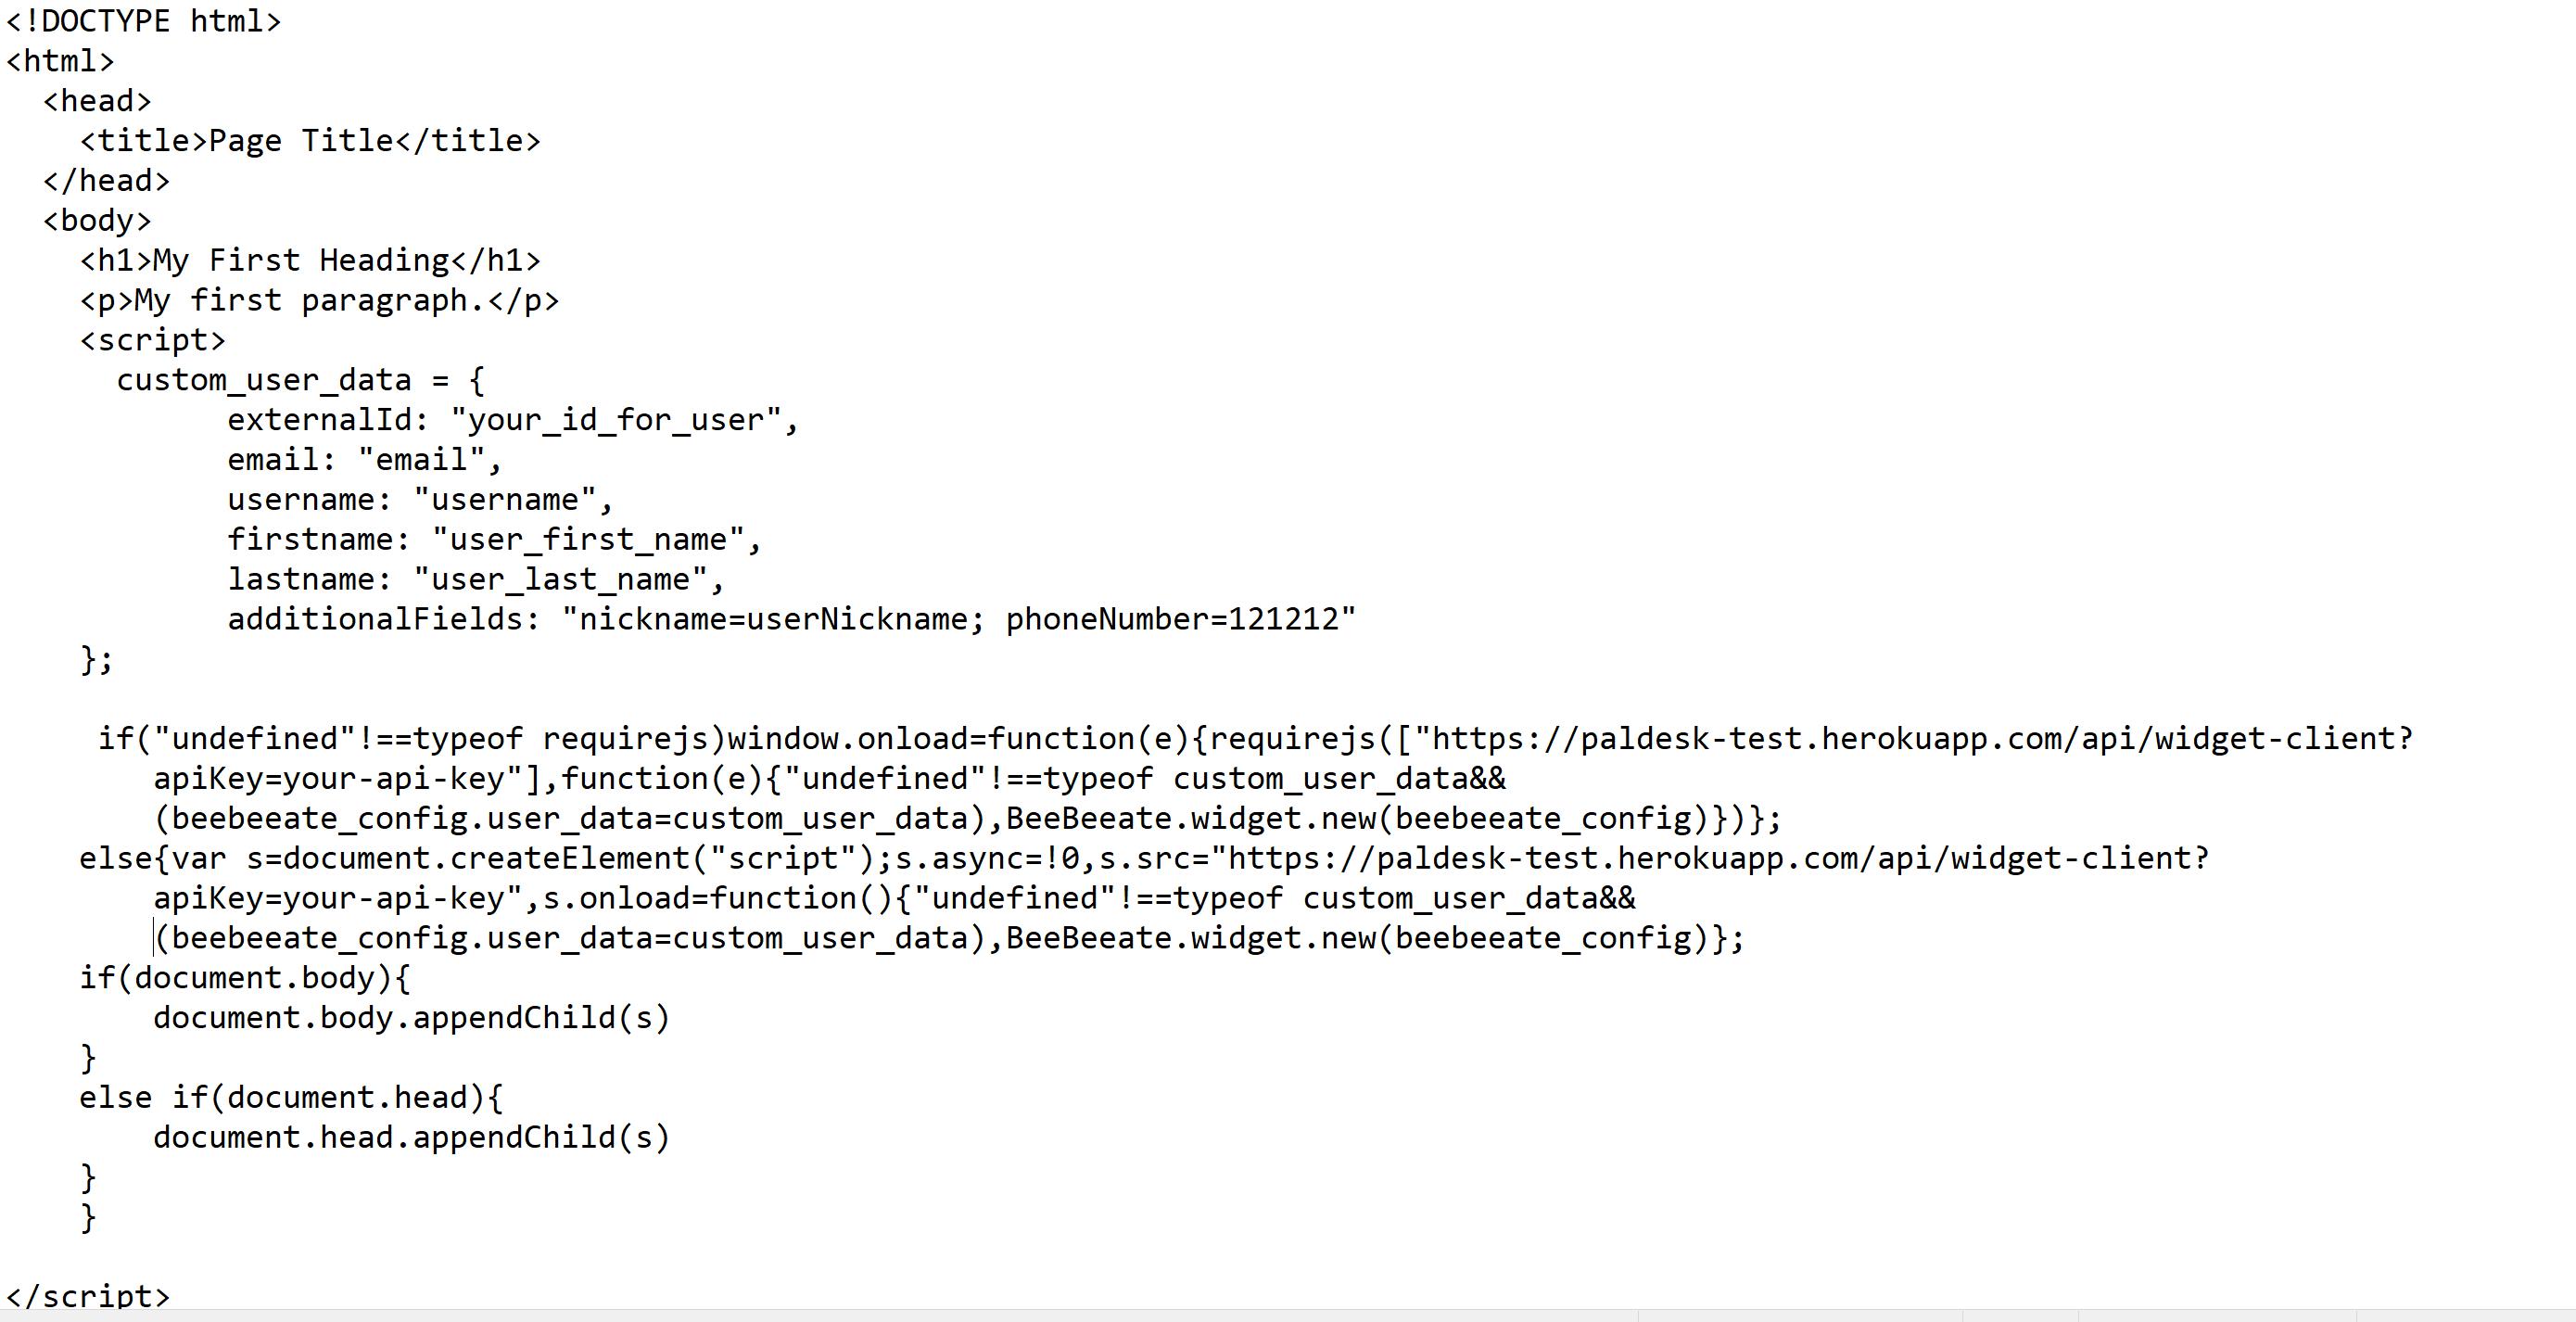 Custom user data code